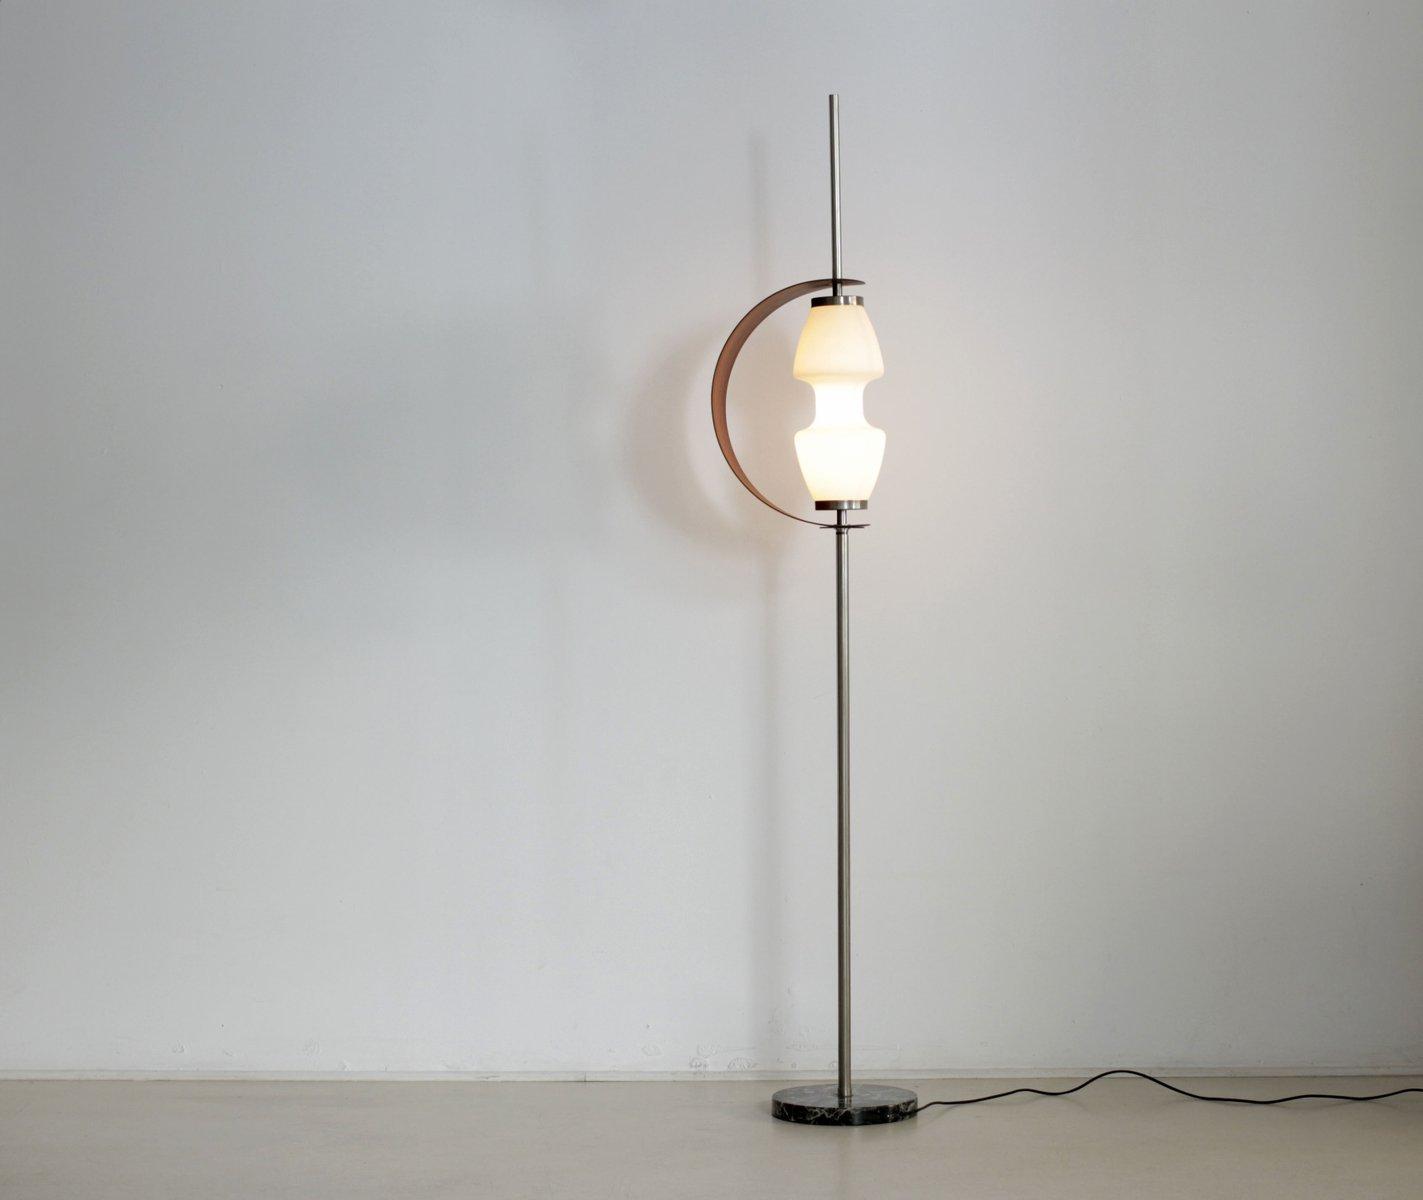 lamp lampadari : ... Floor Lamp by Gianfranco Reggiani for Regianni Lampadari, 1960s 5